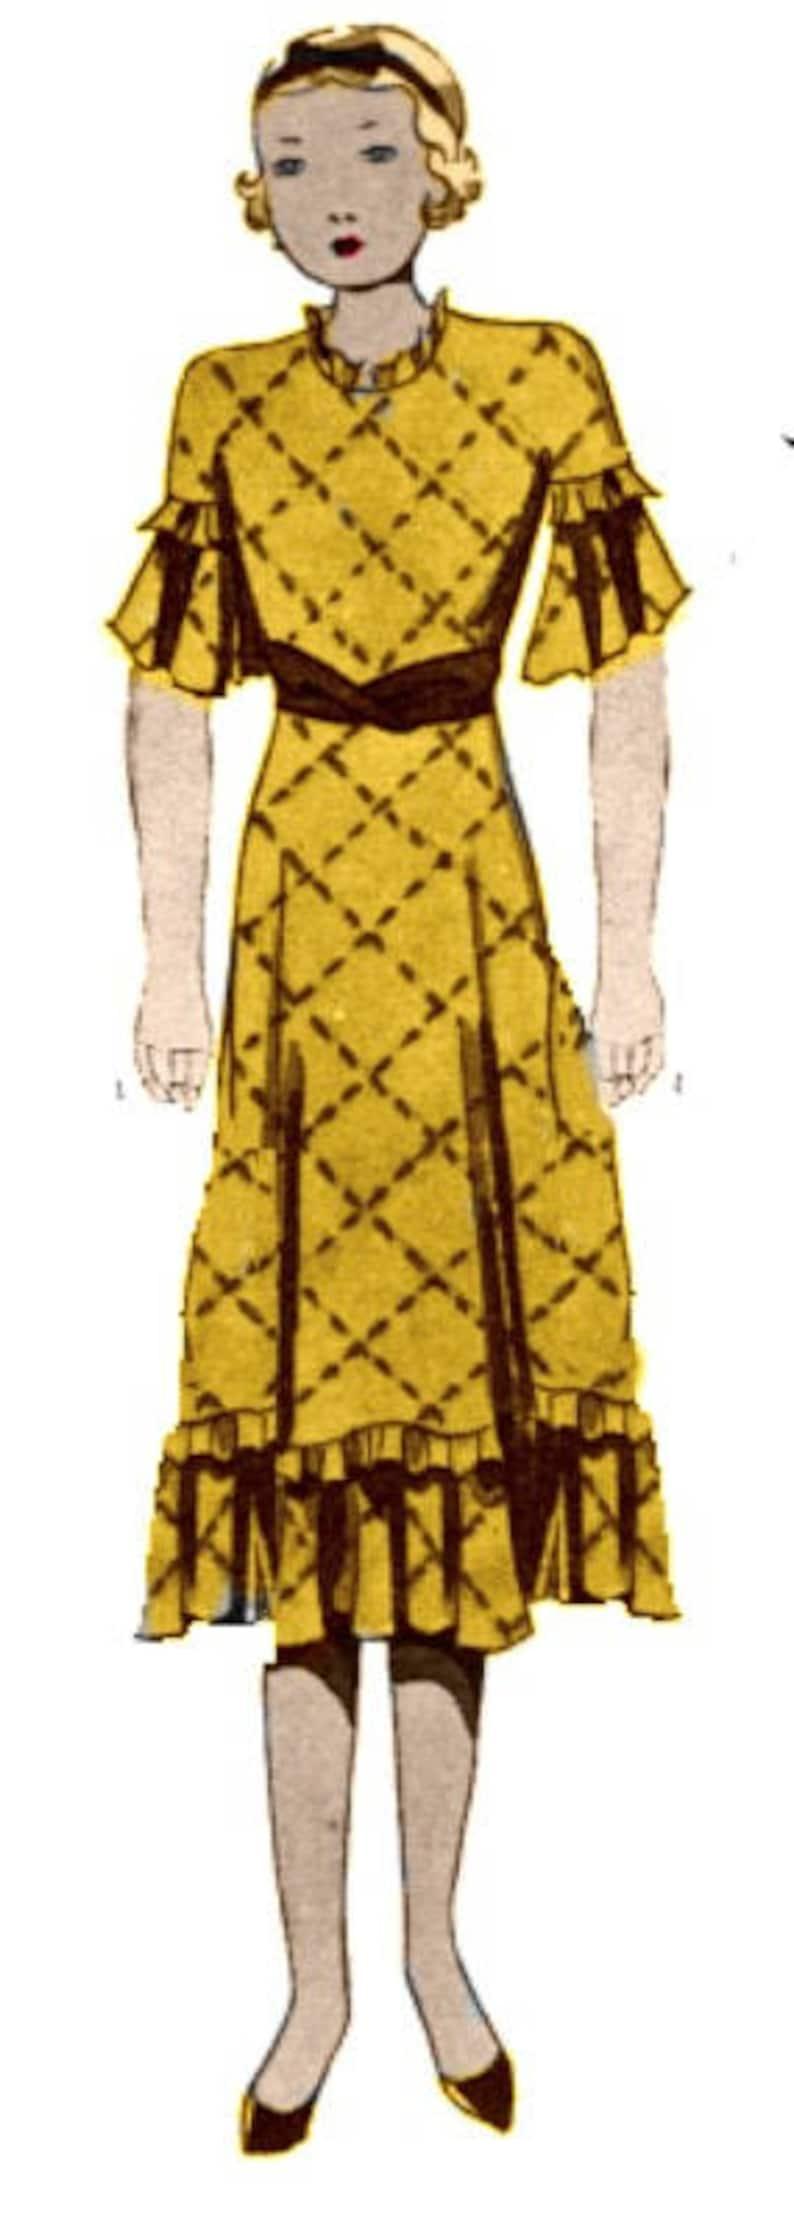 1930s Vintage Dresses, Clothing & Patterns Links Plus Size (or any size) Vintage 1934 Dress Sewing Pattern - PDF - Pattern 1578 - Carlene 1930s 30s Retro Instant Download $11.20 AT vintagedancer.com